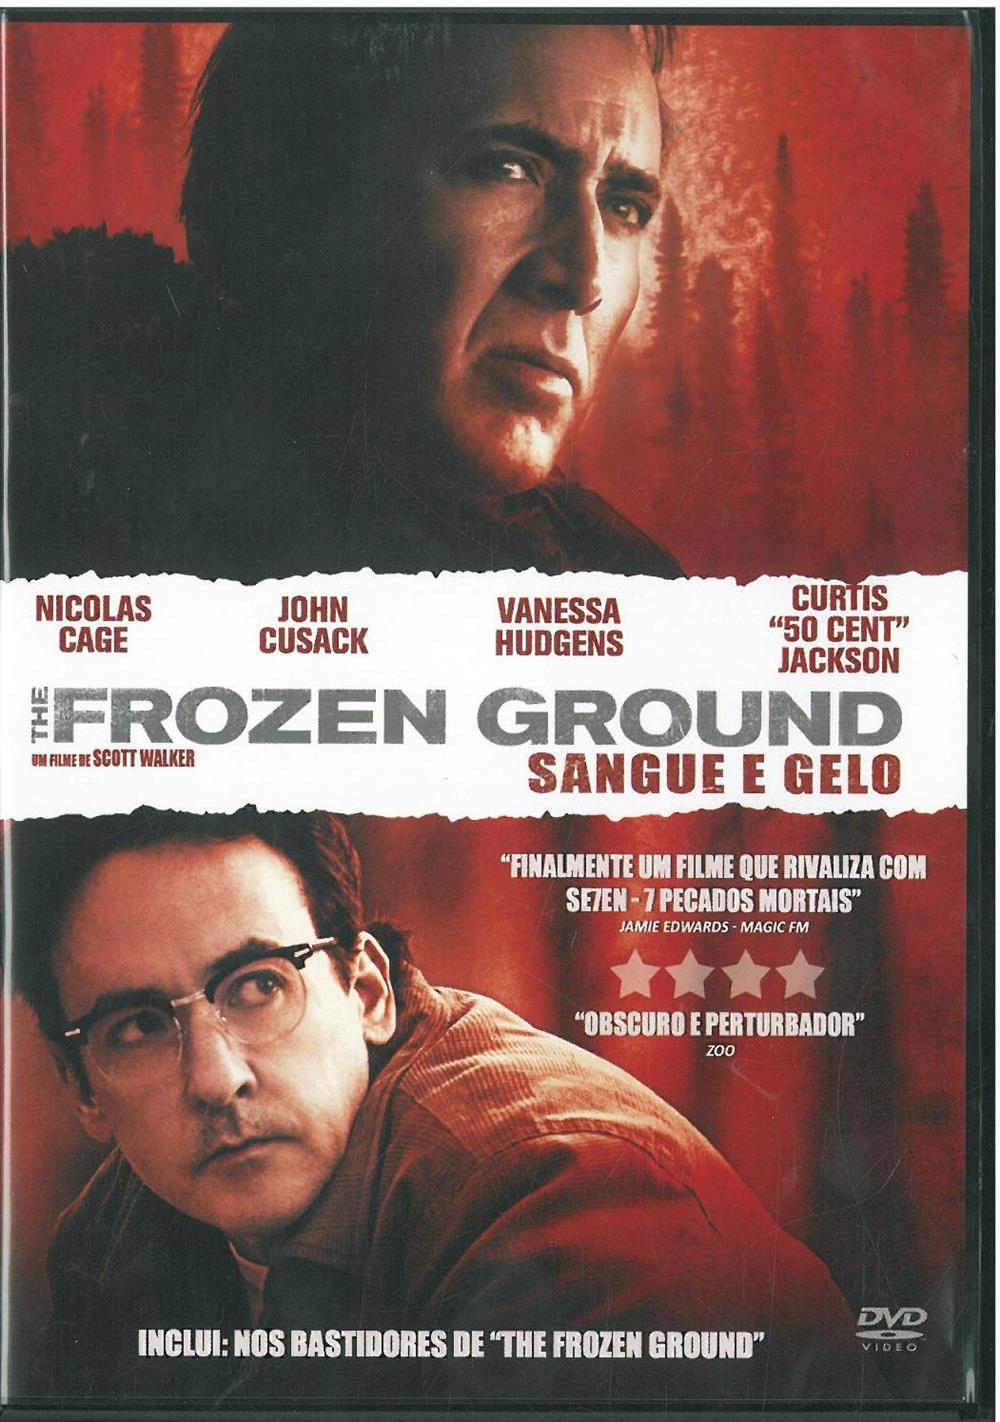 The frozen ground_DVD.jpg